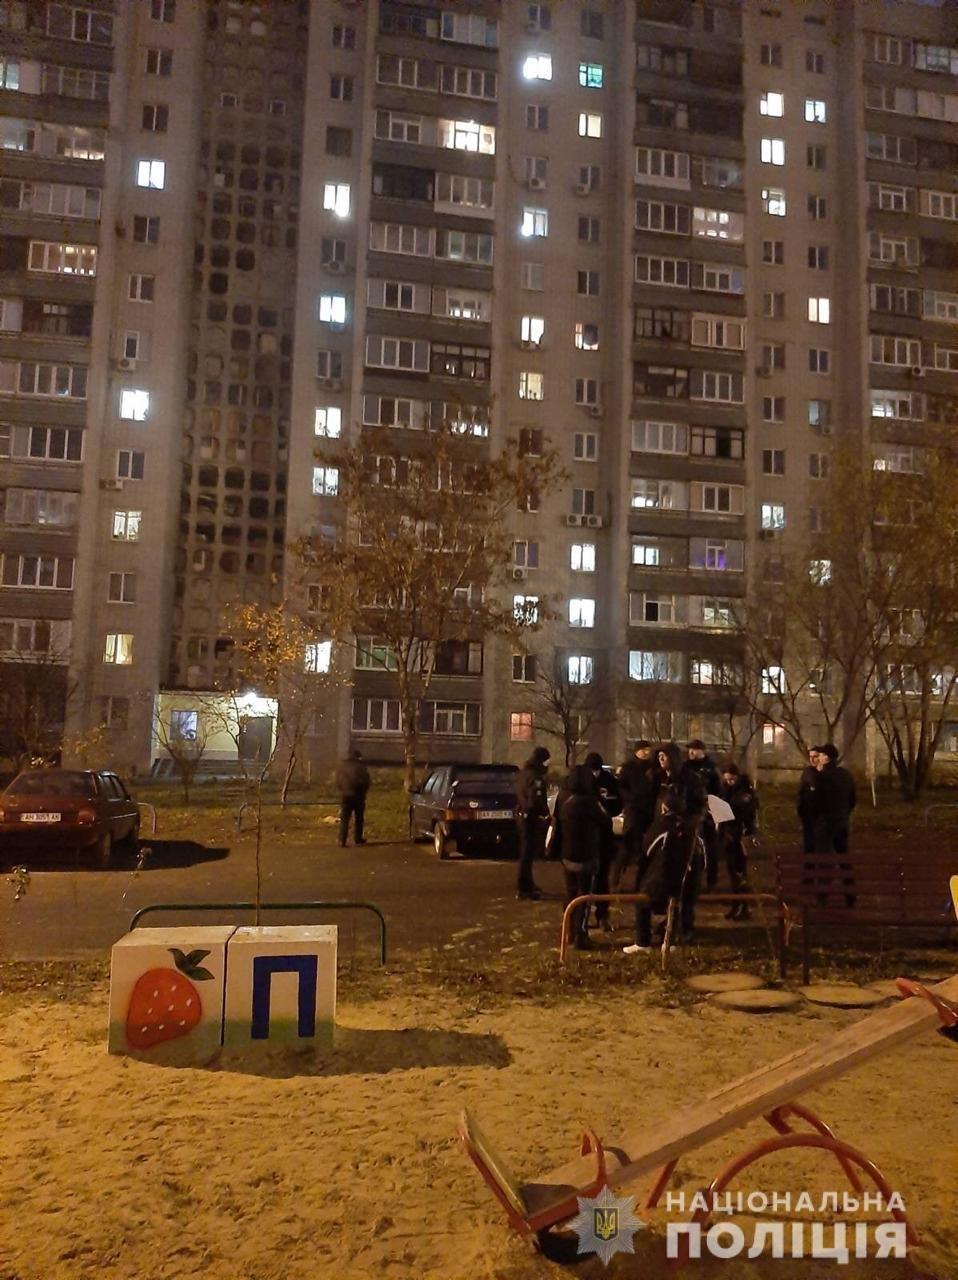 Нападали и грабили людей: в Харькове «накрыли» иностранную преступную группировку, - ФОТО, фото-2